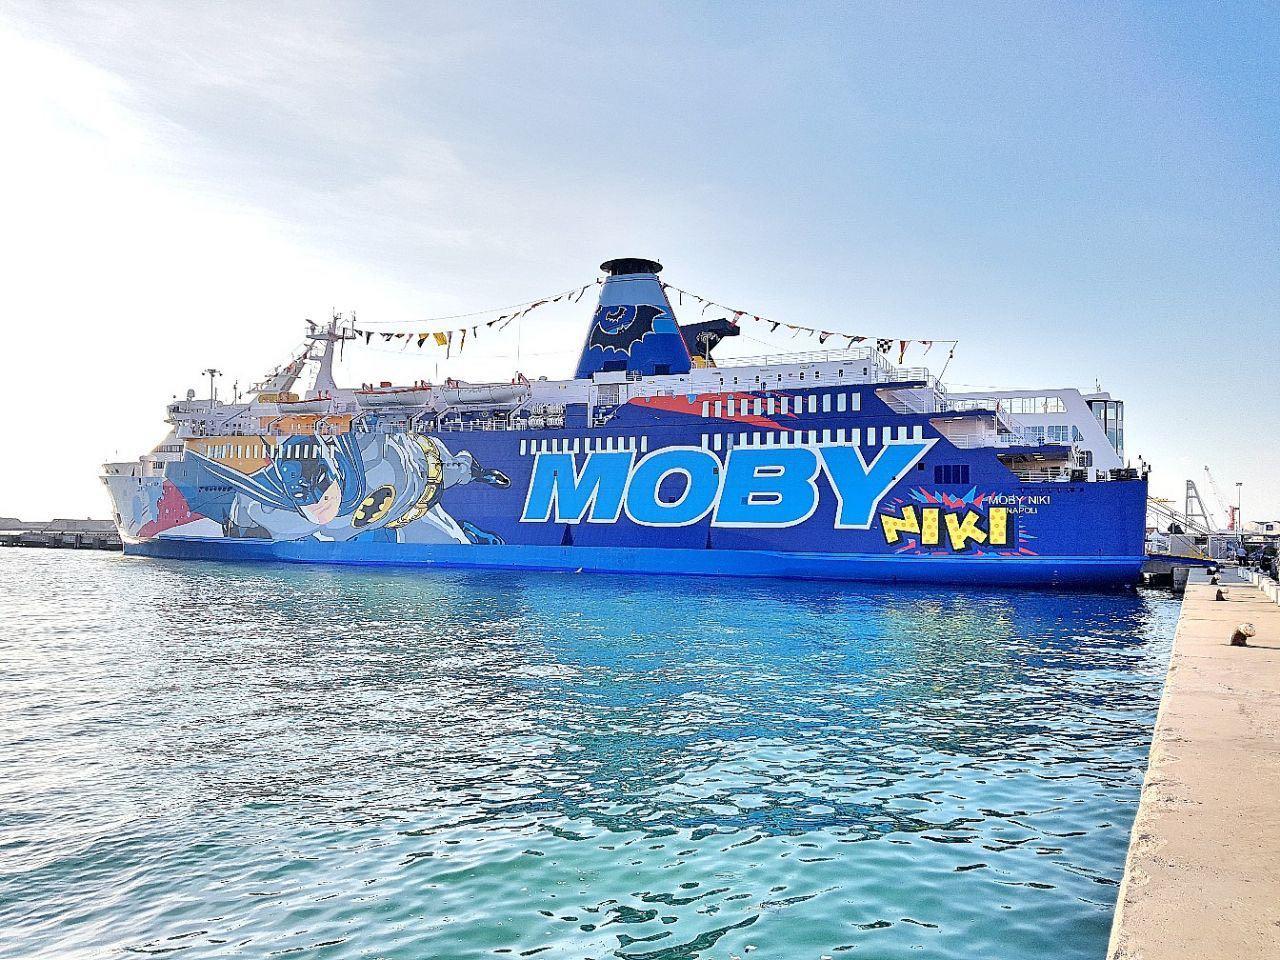 Moby Niki